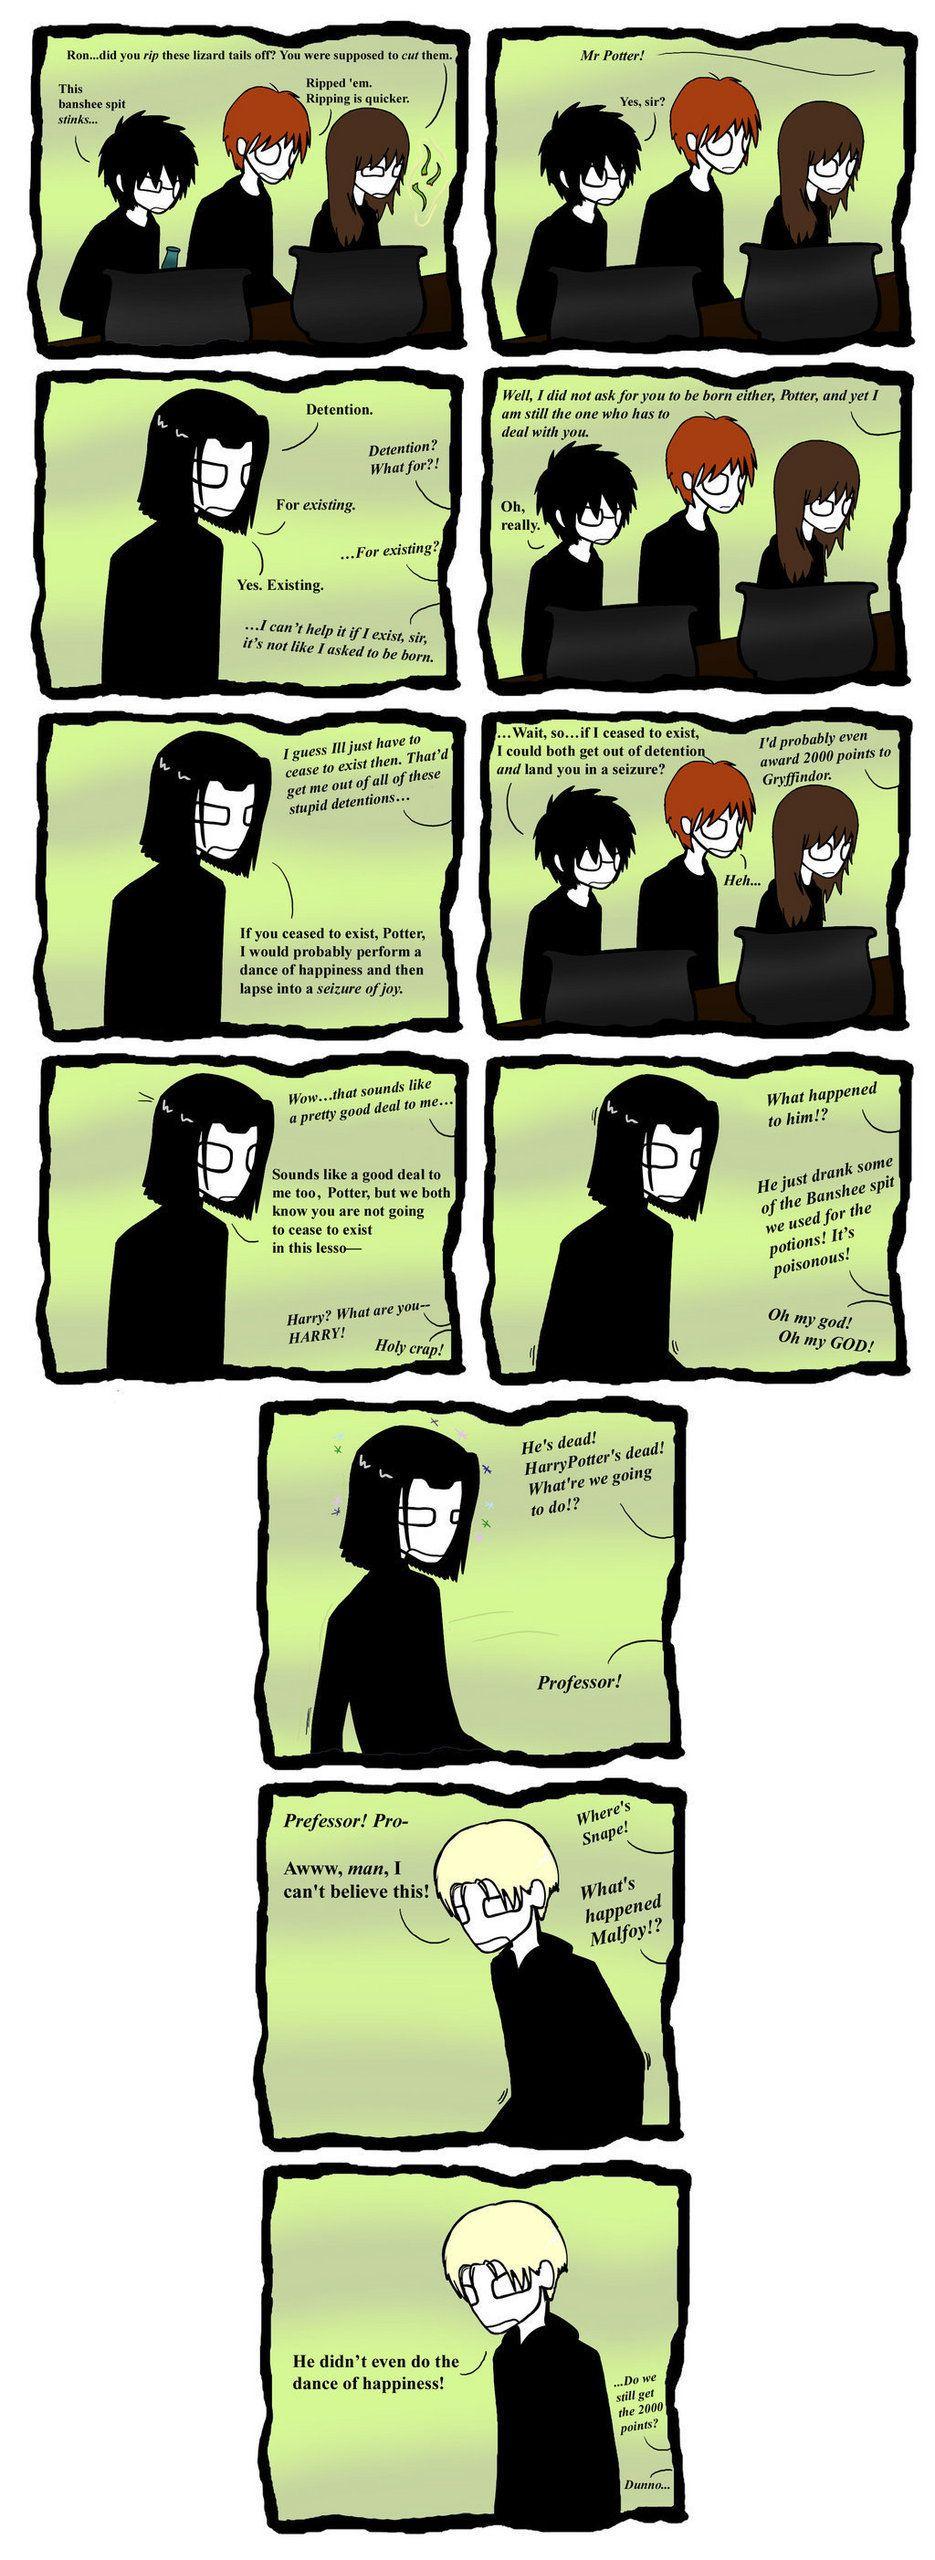 Pin By Emma Davis On Harry Potter Harry Potter Memes Hilarious Harry Potter Funny Harry Potter Cartoon